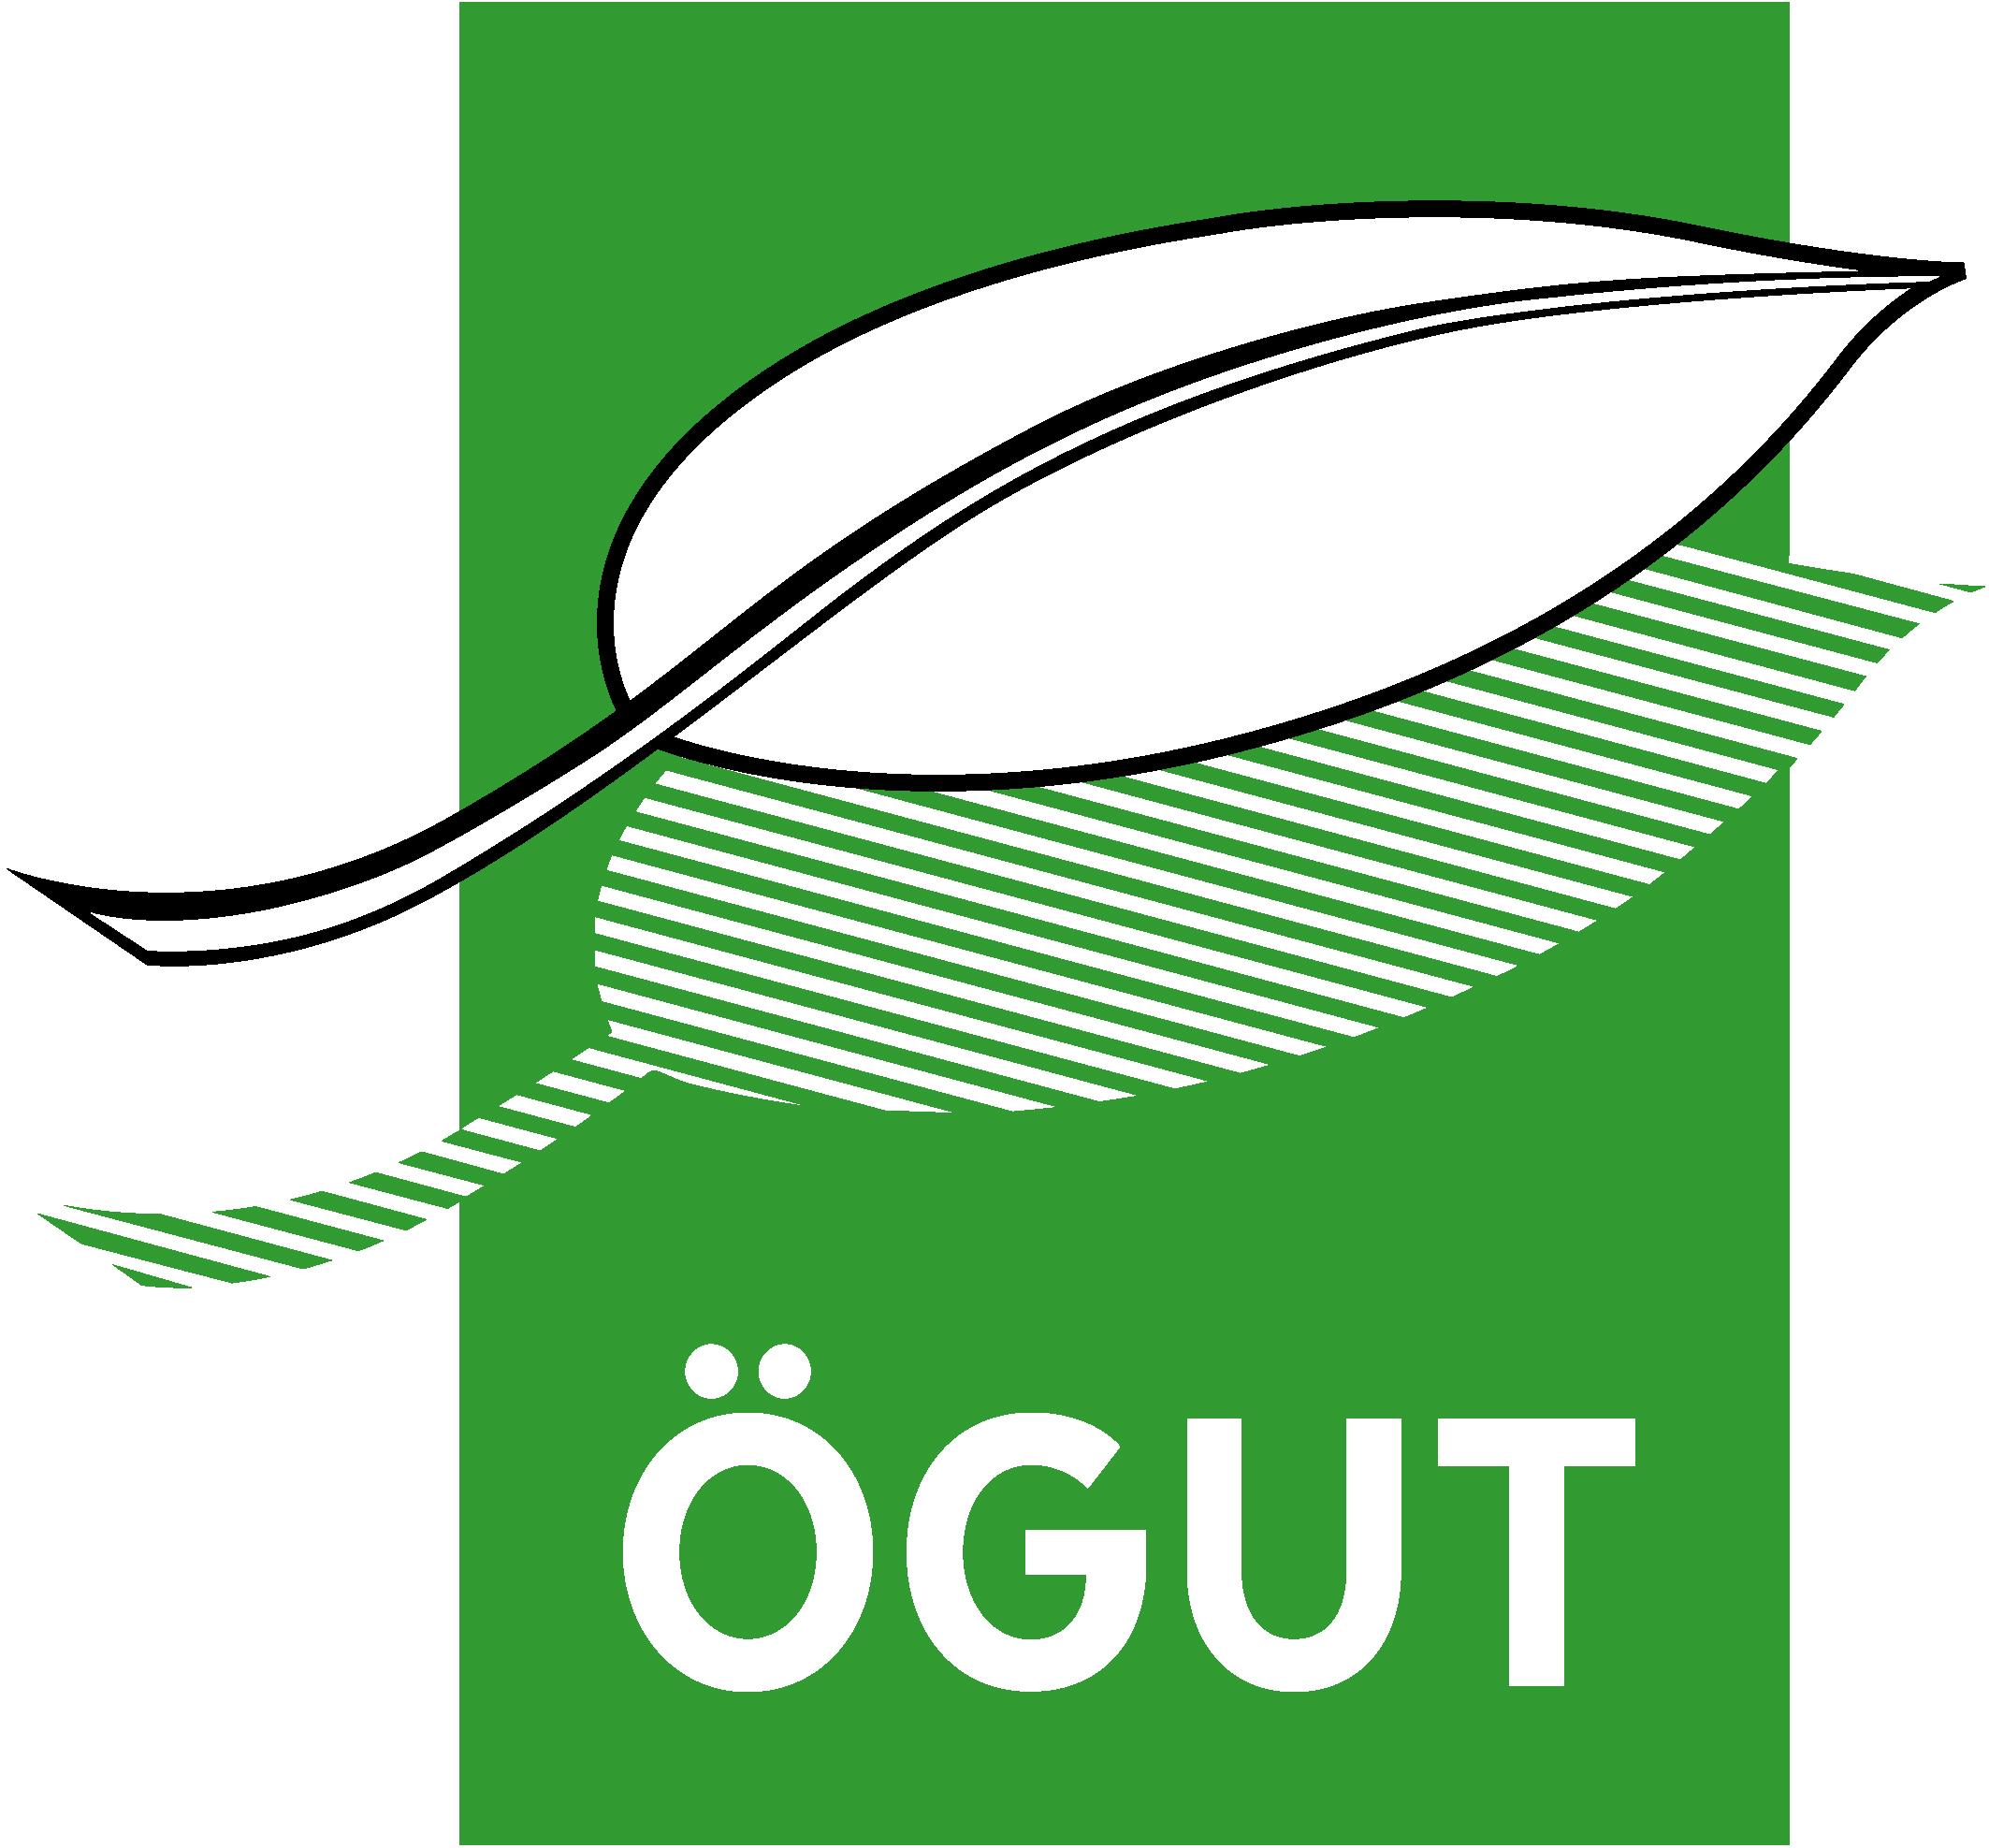 ÖGUT – Österreichische Gesellschaft für Umwelt und Technik